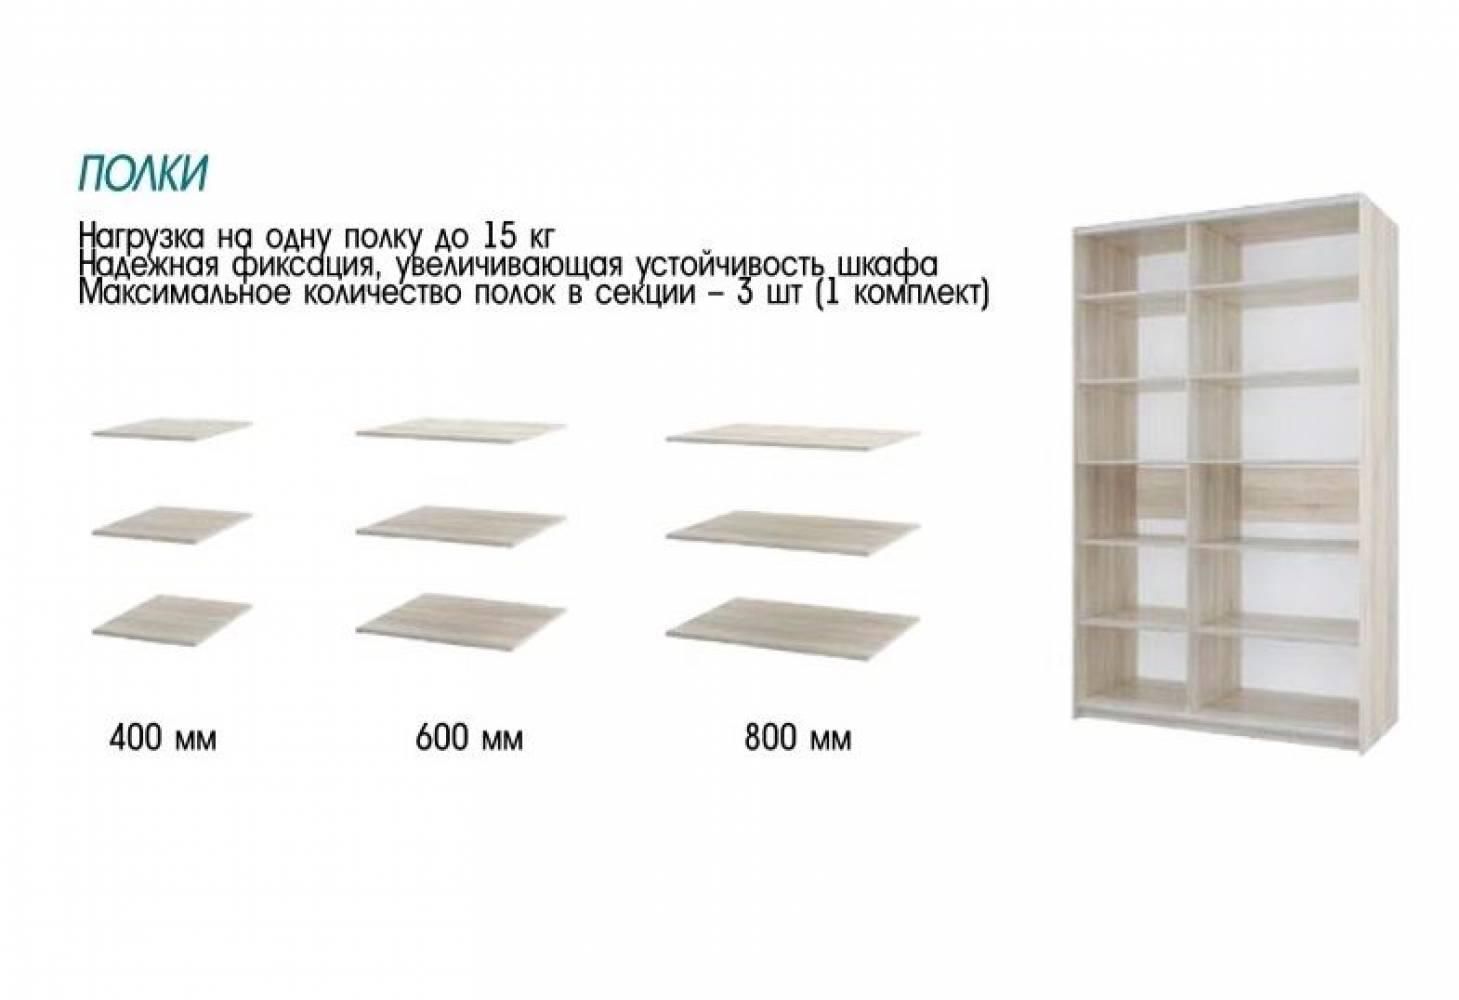 Шкаф Фортуна-18 (2200) 400/400/600/800